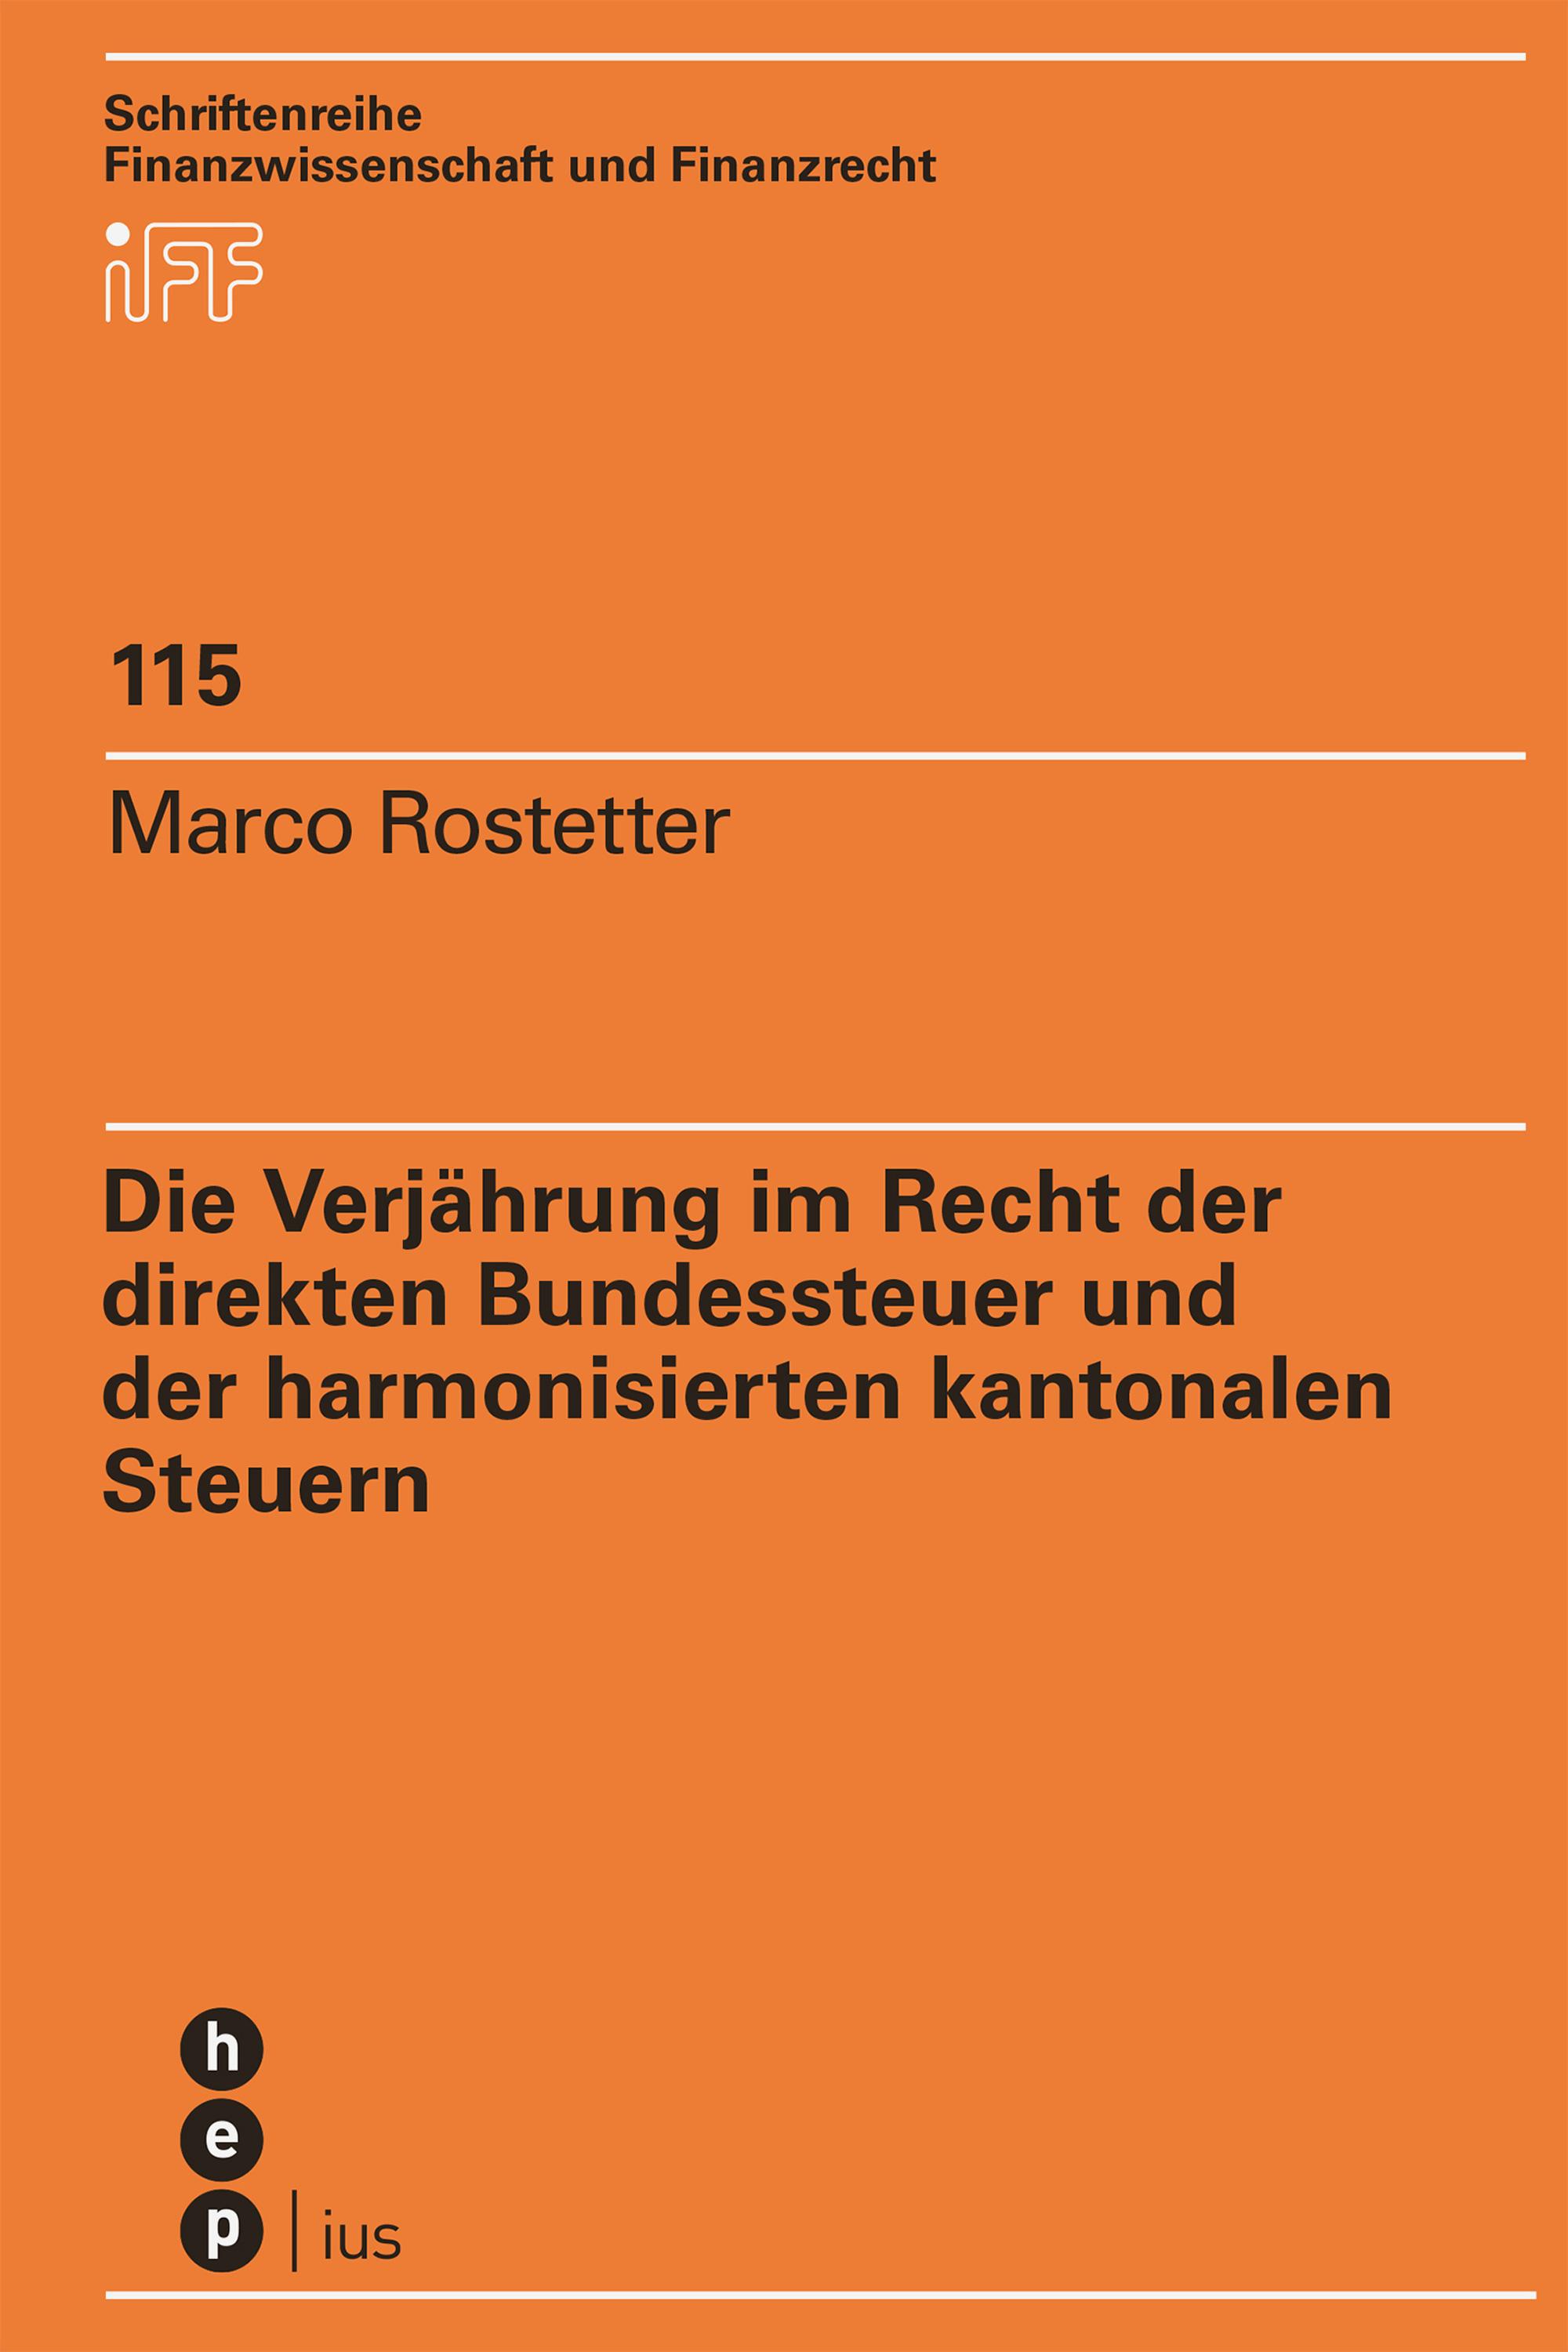 Marco Rostetter Die Verjährung im Recht der direkten Bundessteuer und der harmonisierten kantonalen Steuern